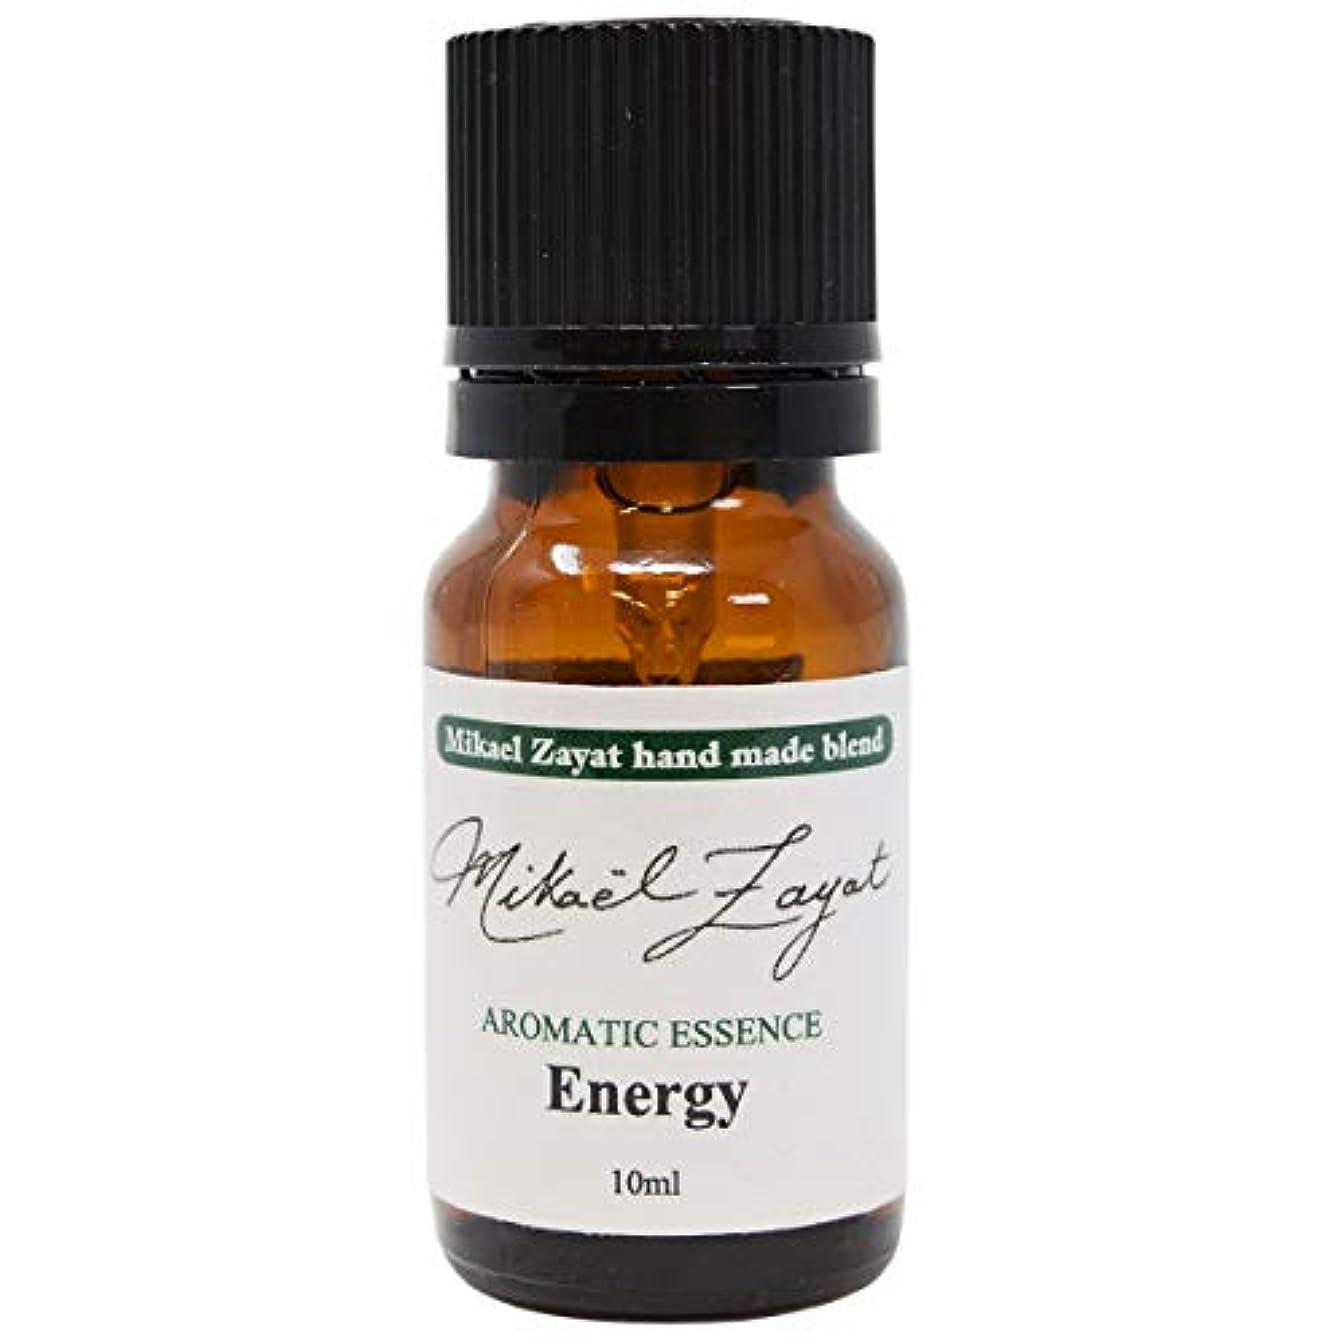 かき混ぜる名誉金貸しミカエルザヤット エナジー Energy 10ml Mikael Zayat hand made blend